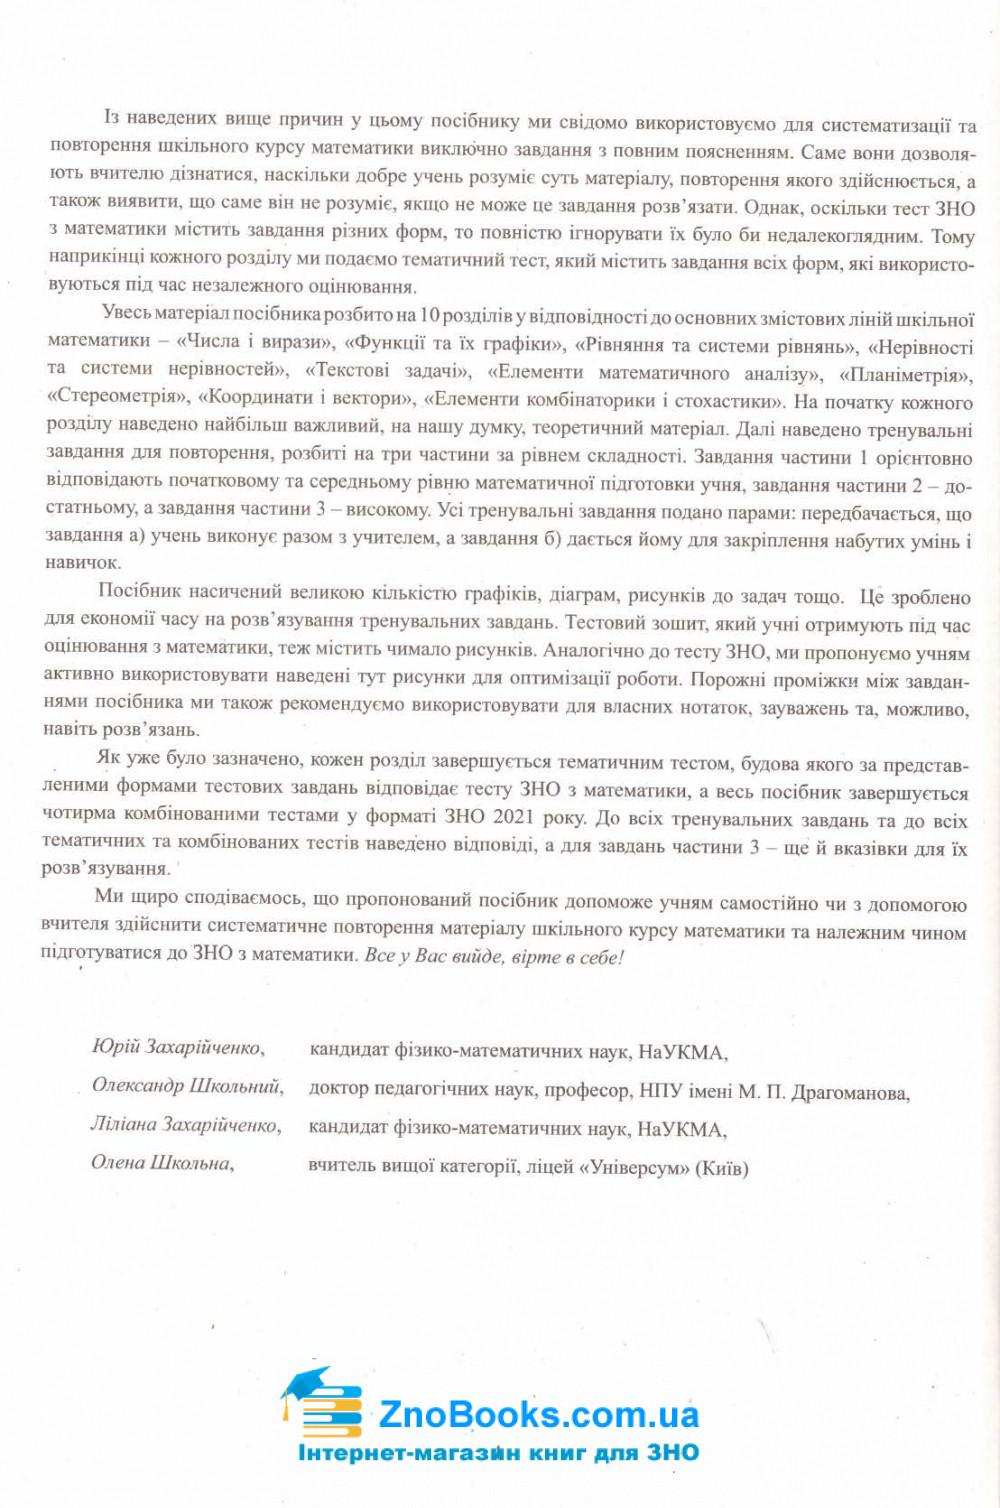 Сучасна підготовка до ЗНО 2022 з математики : Захарійченко Ю. Школьний О. Аксіома. купити 4